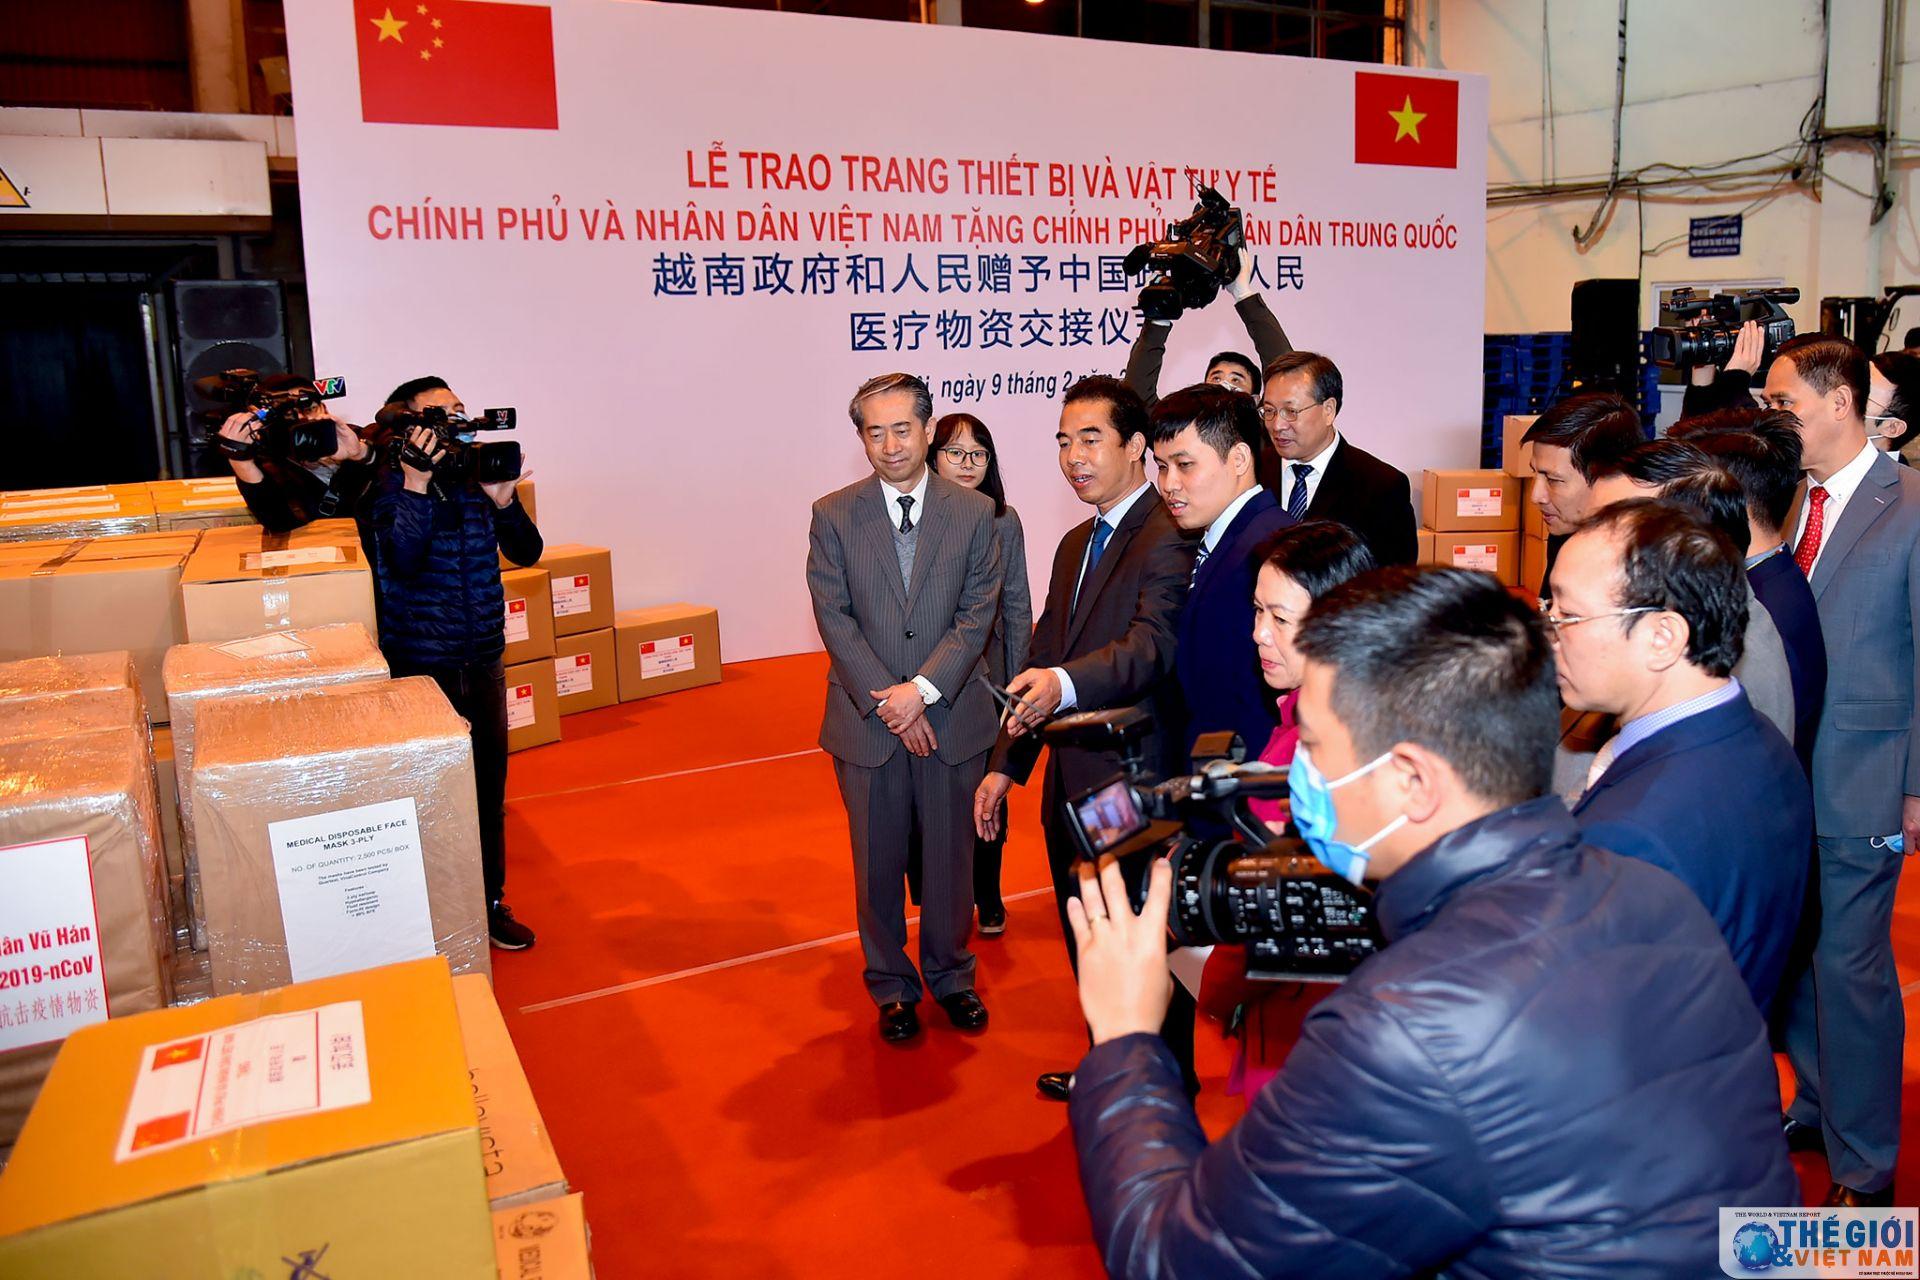 Việt Nam trao trang thiết bị, vật tư y tế tặng Trung Quốc chống dịch bệnh virus Corona